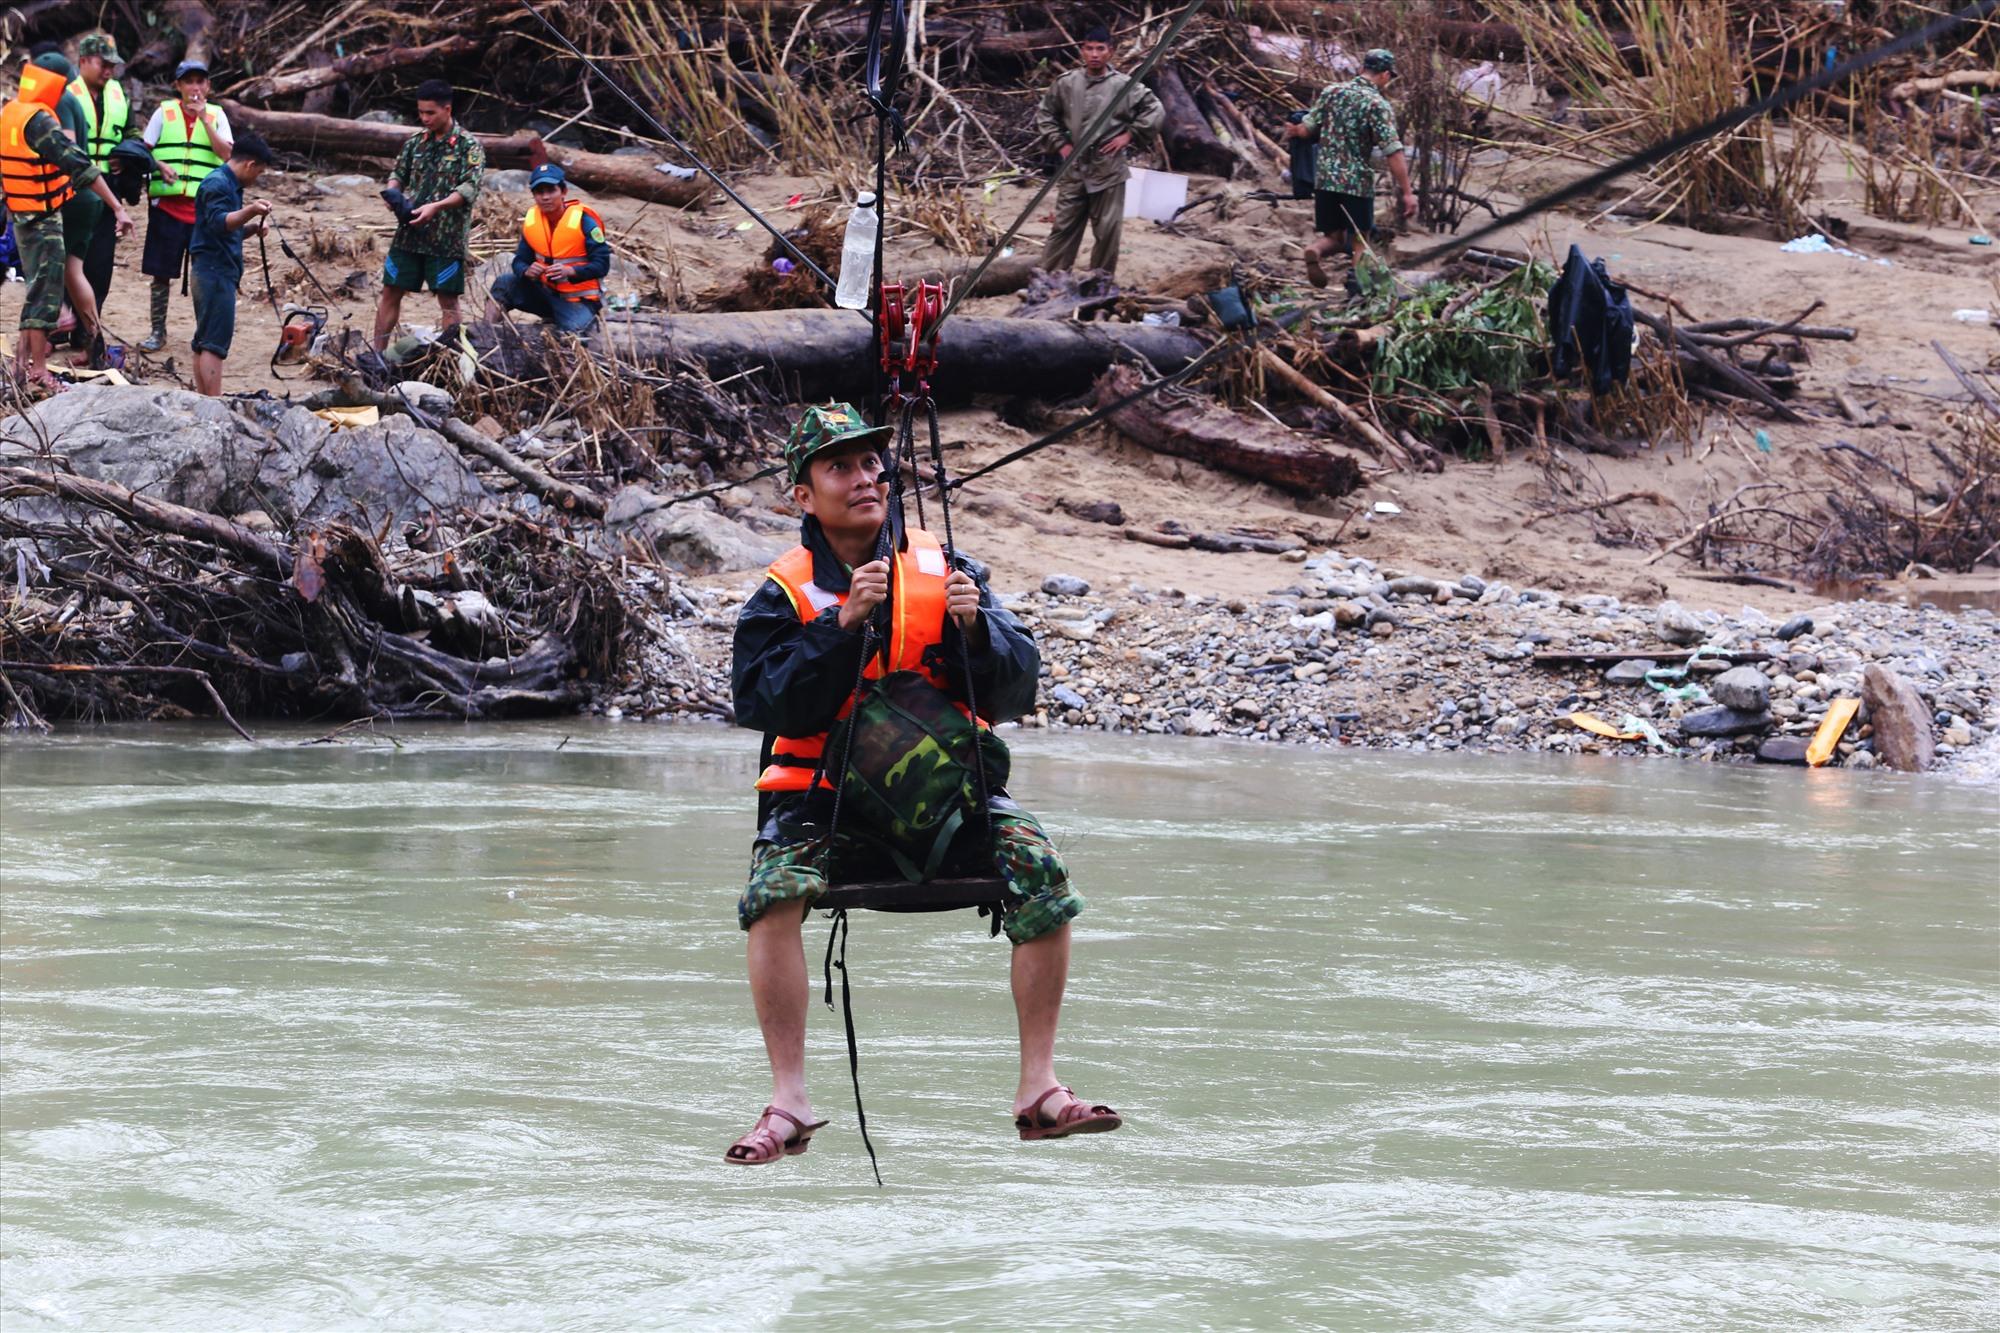 Thượng úy Đỗ Tấn Hưng đu dây vượt sông Leng tìm kiếm các nạn nhân mất tích tại Trà Leng vào cuối tháng 11 vừa qua. Ảnh: Đ.T